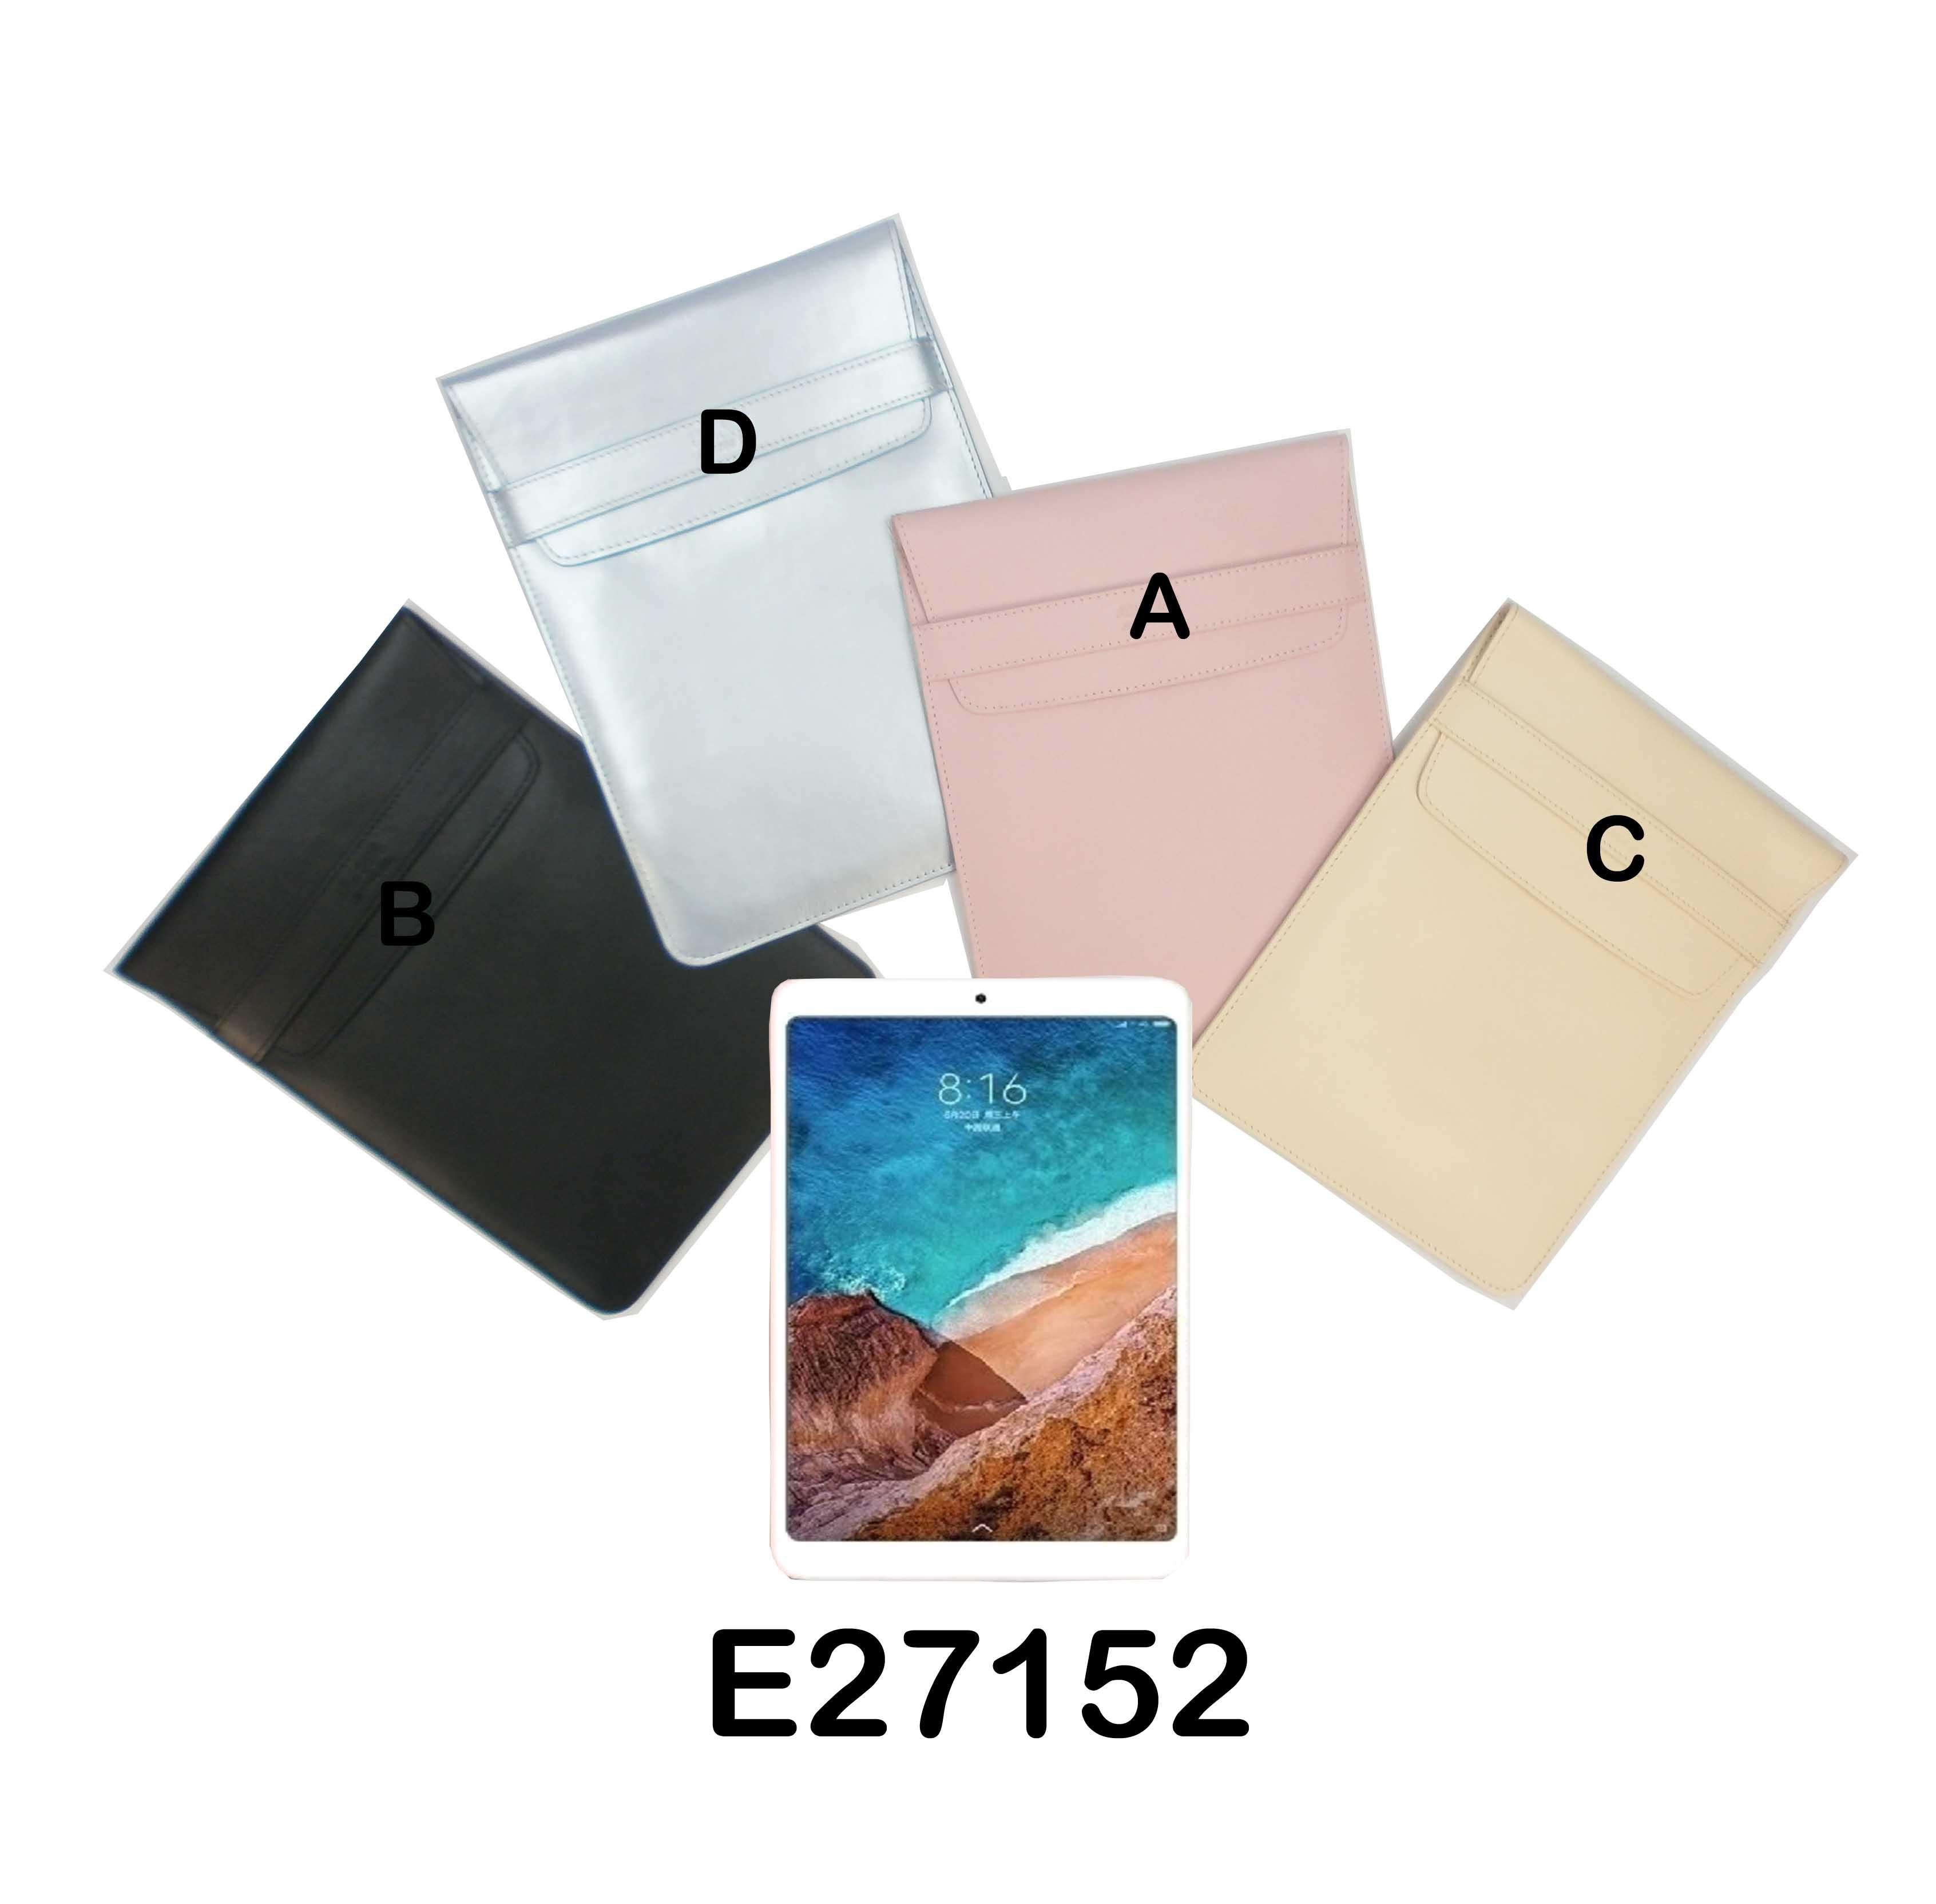 E27152ABCD-2